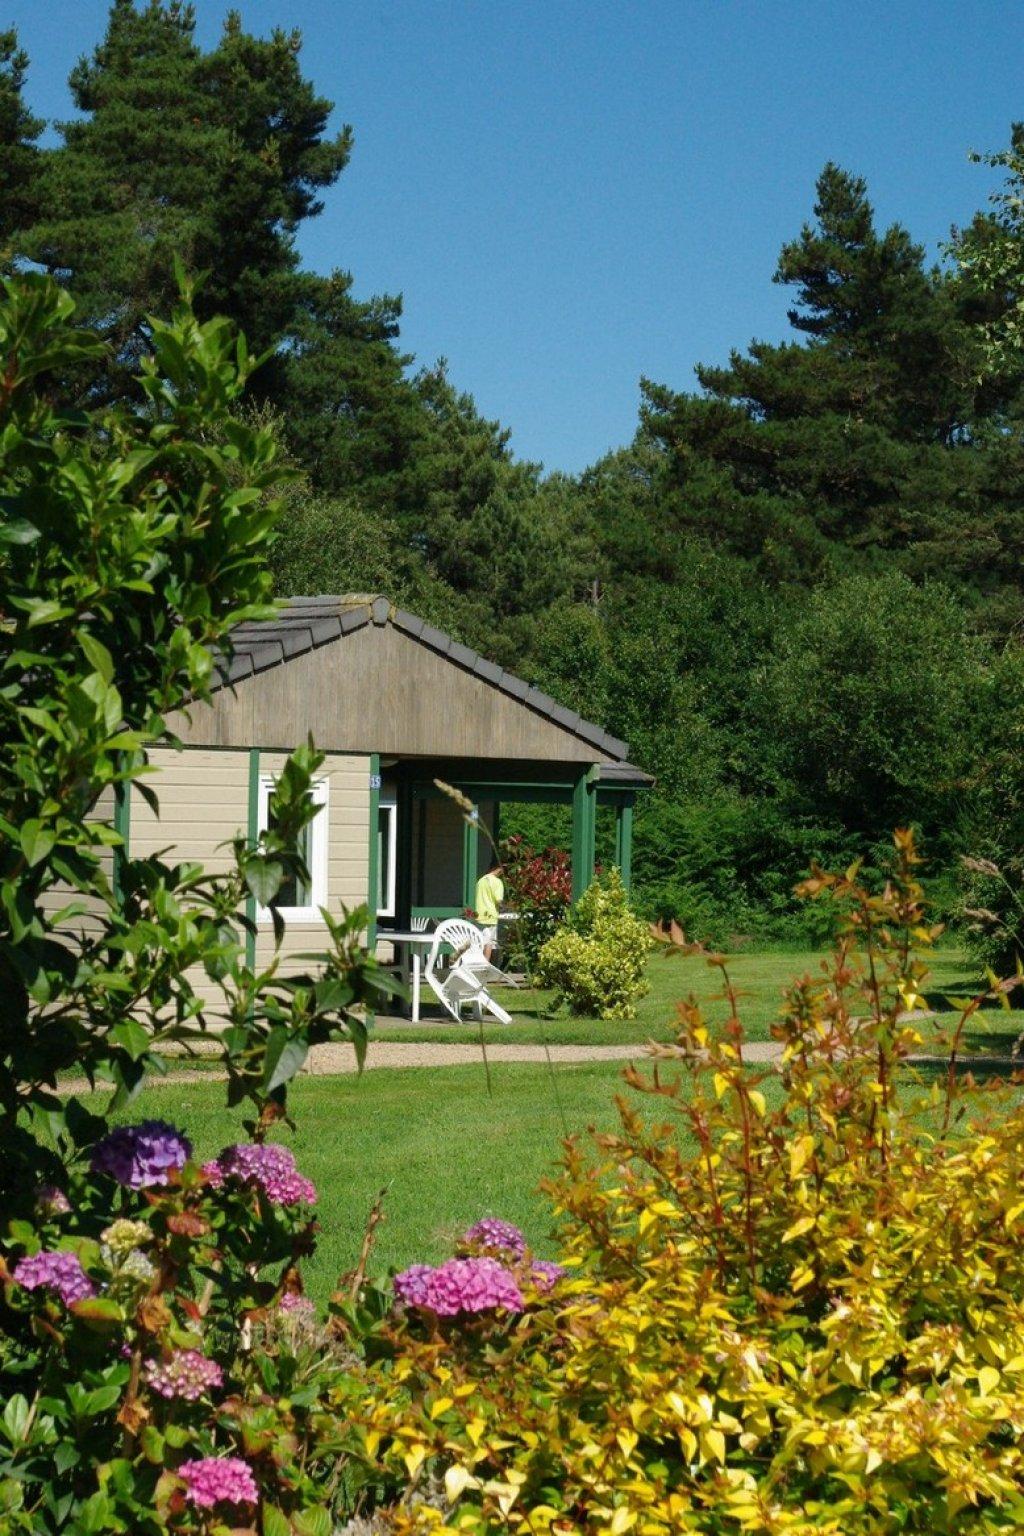 Chalet vacances avec piscine pleumeur bodou location 5 for Village vacances jura avec piscine couverte